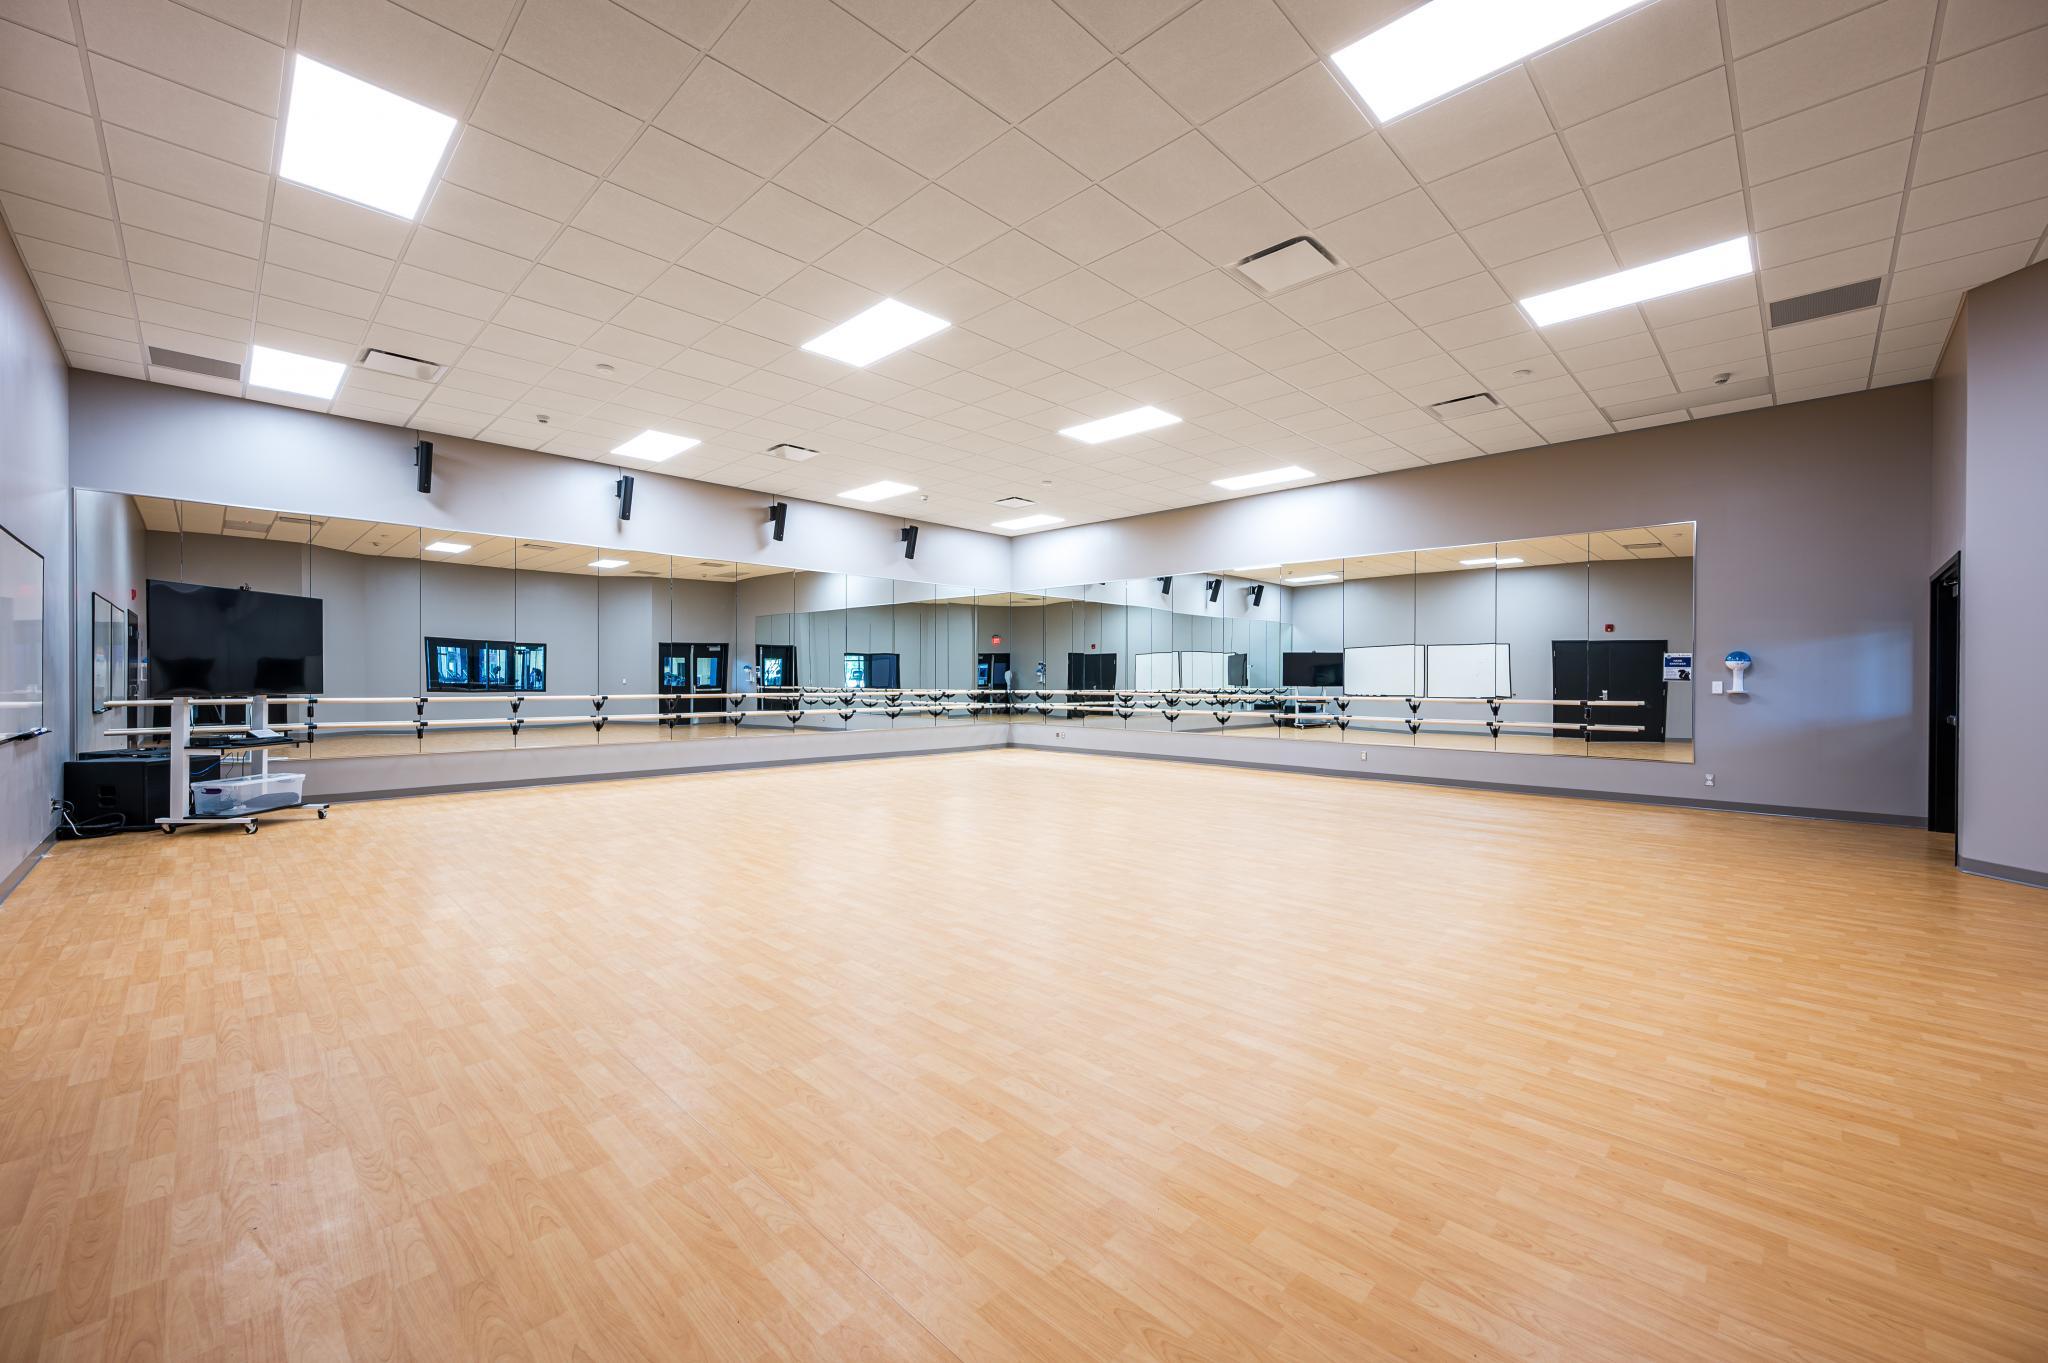 image of wooden floor